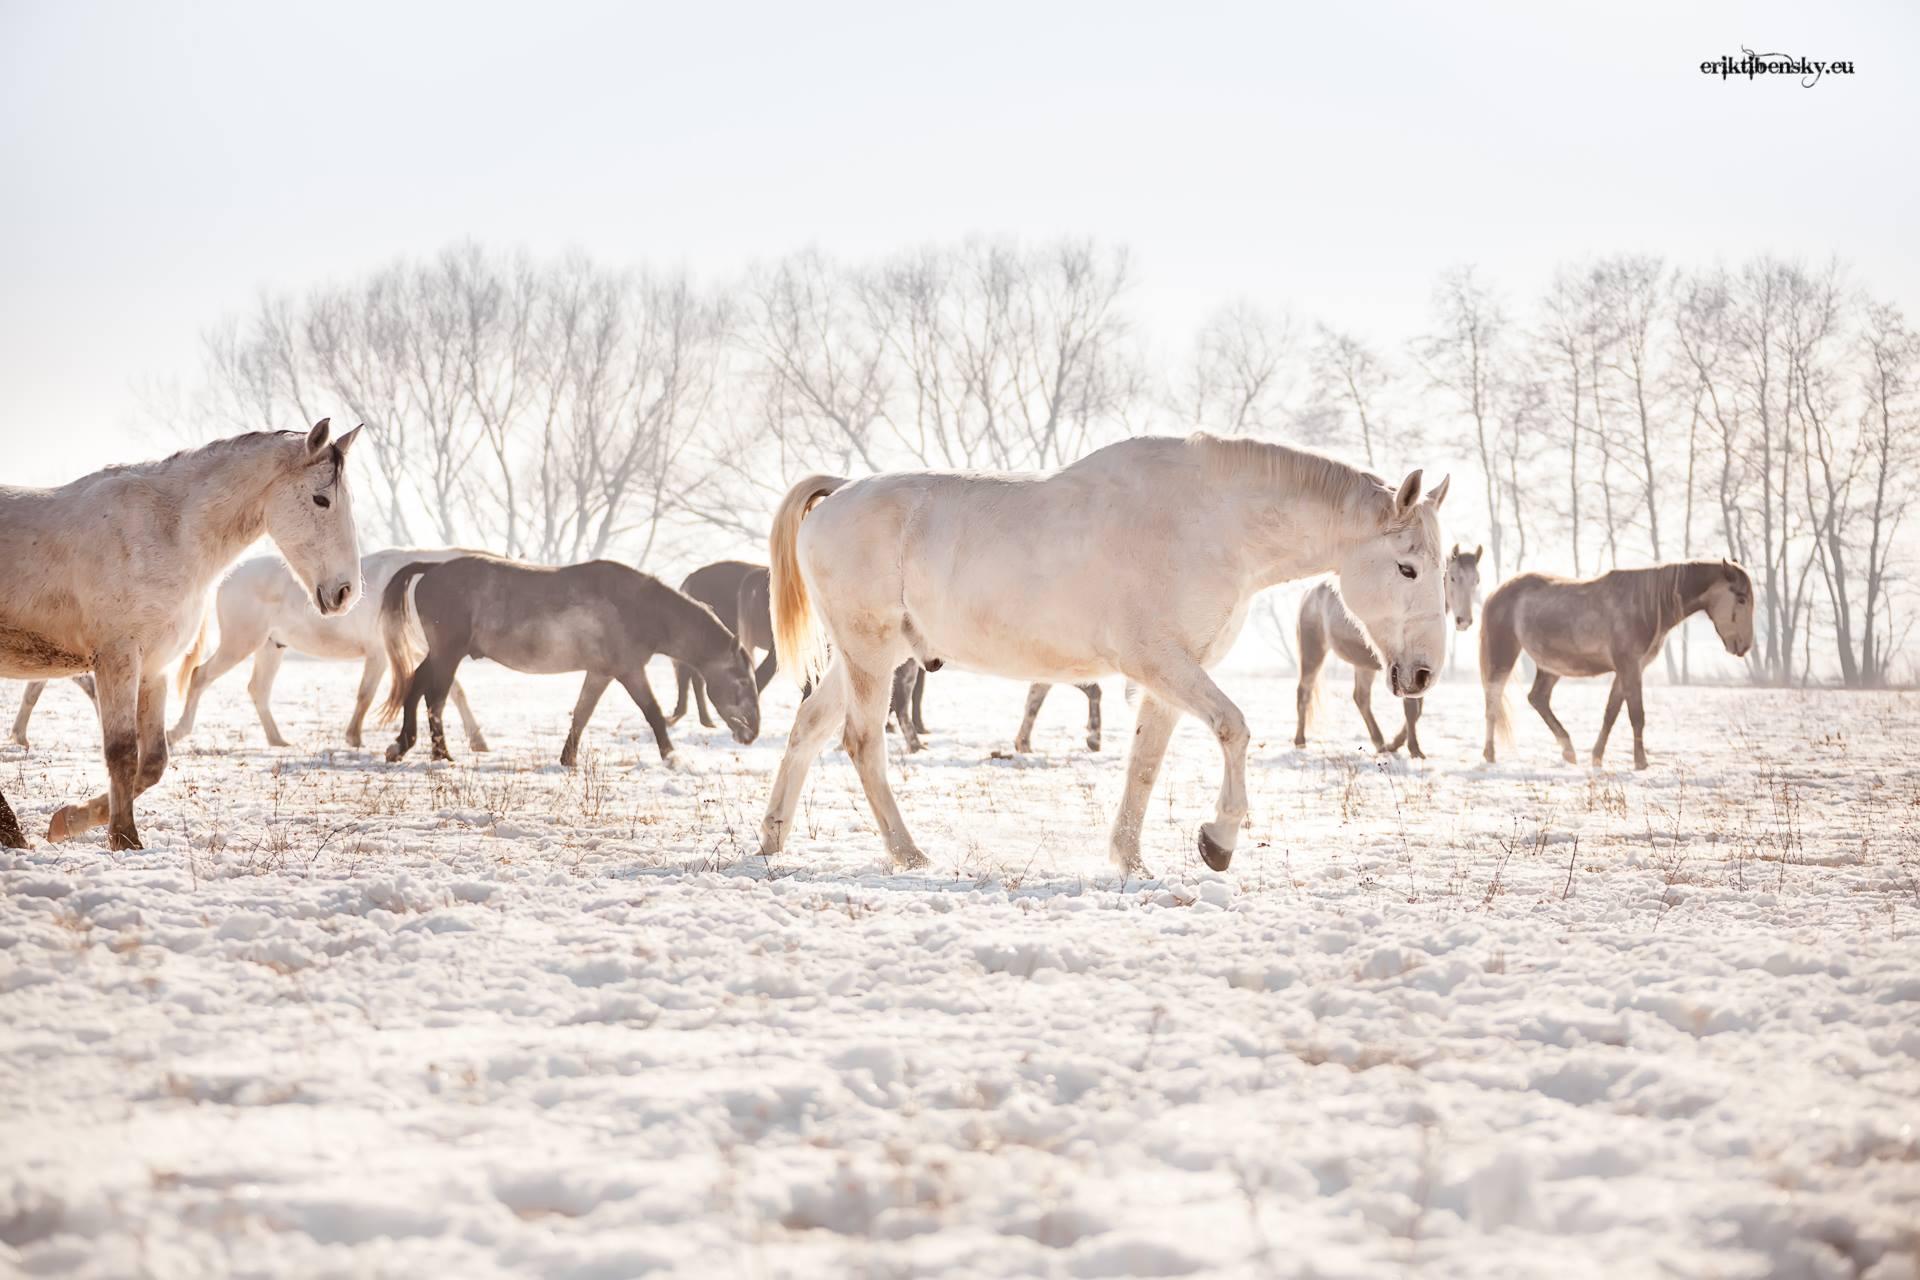 www.eriktibensky.eu-fotograf-kone-wild-horses-photography-1000